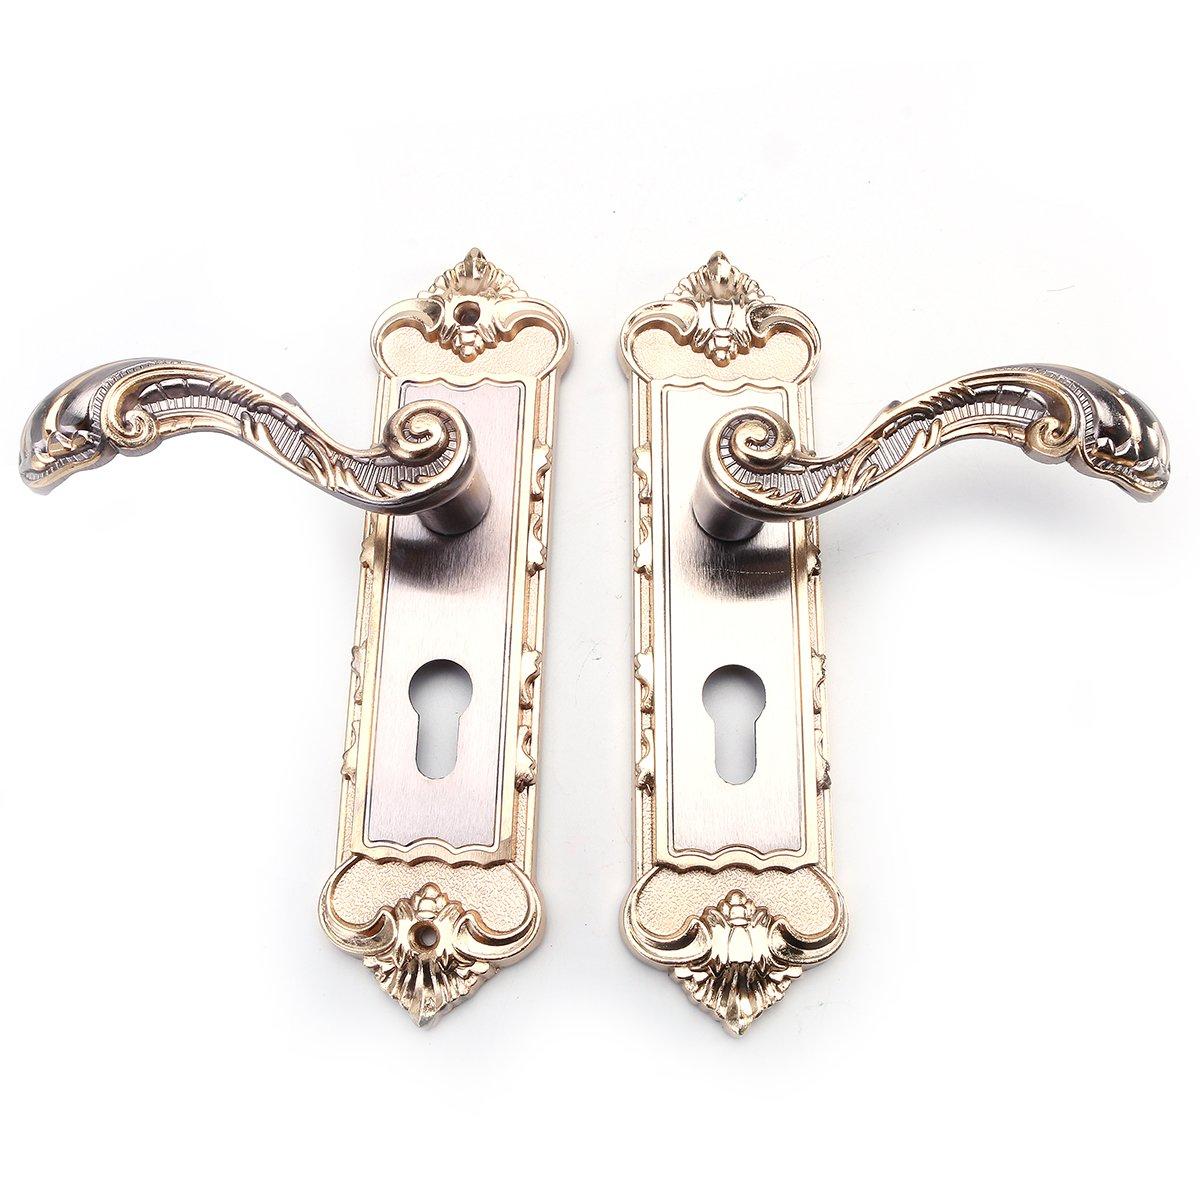 ddanke Gold-/Tür-Griff-Verschluss-Set mit 3Schlüsseln